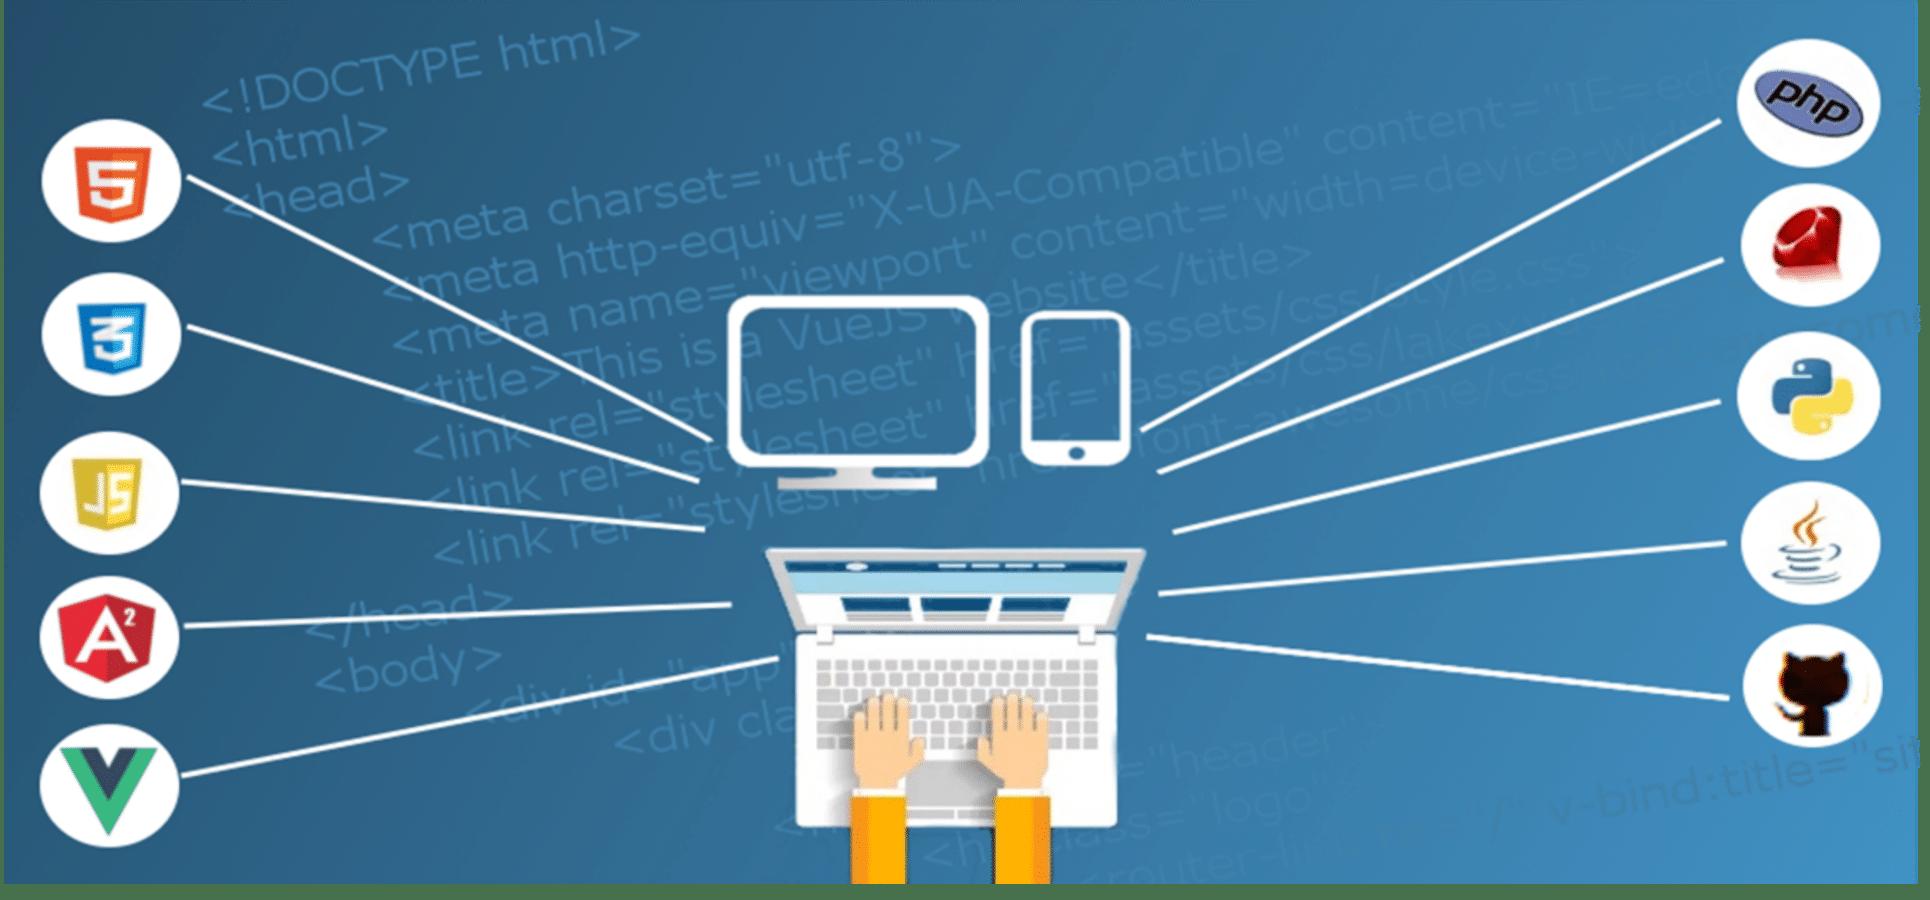 דרושים מפתחי Web